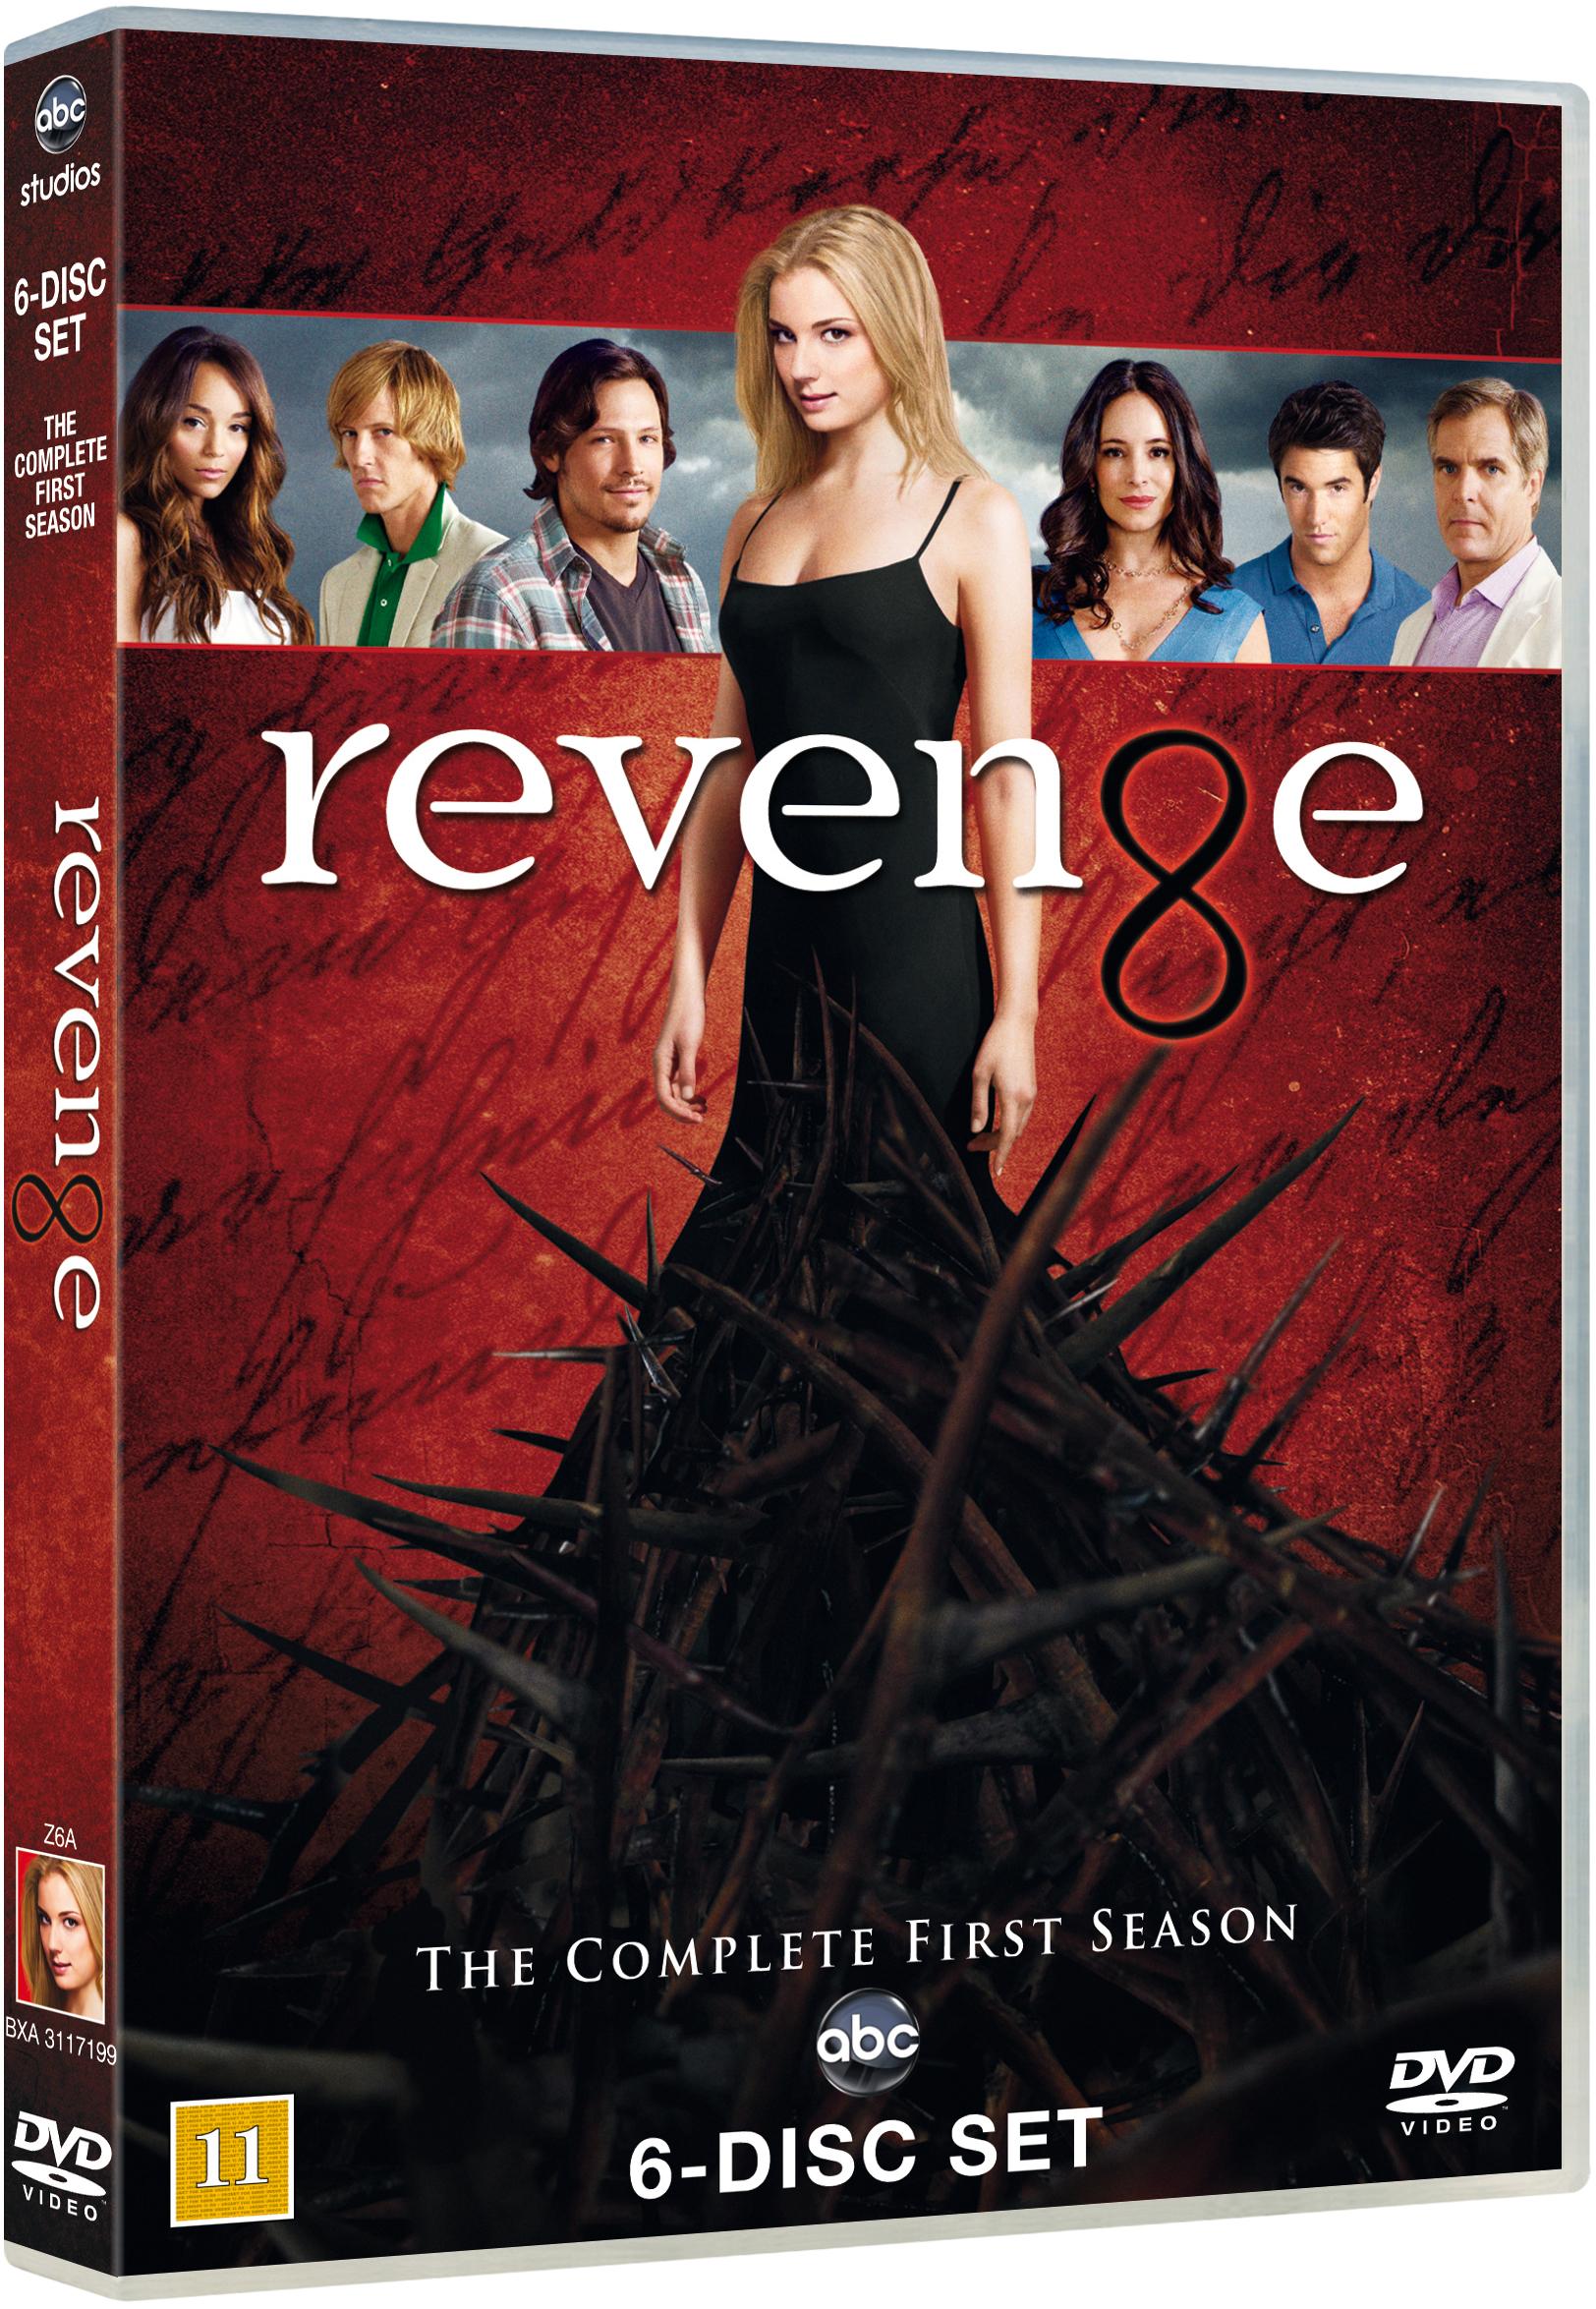 Revenge season 1 - DVD